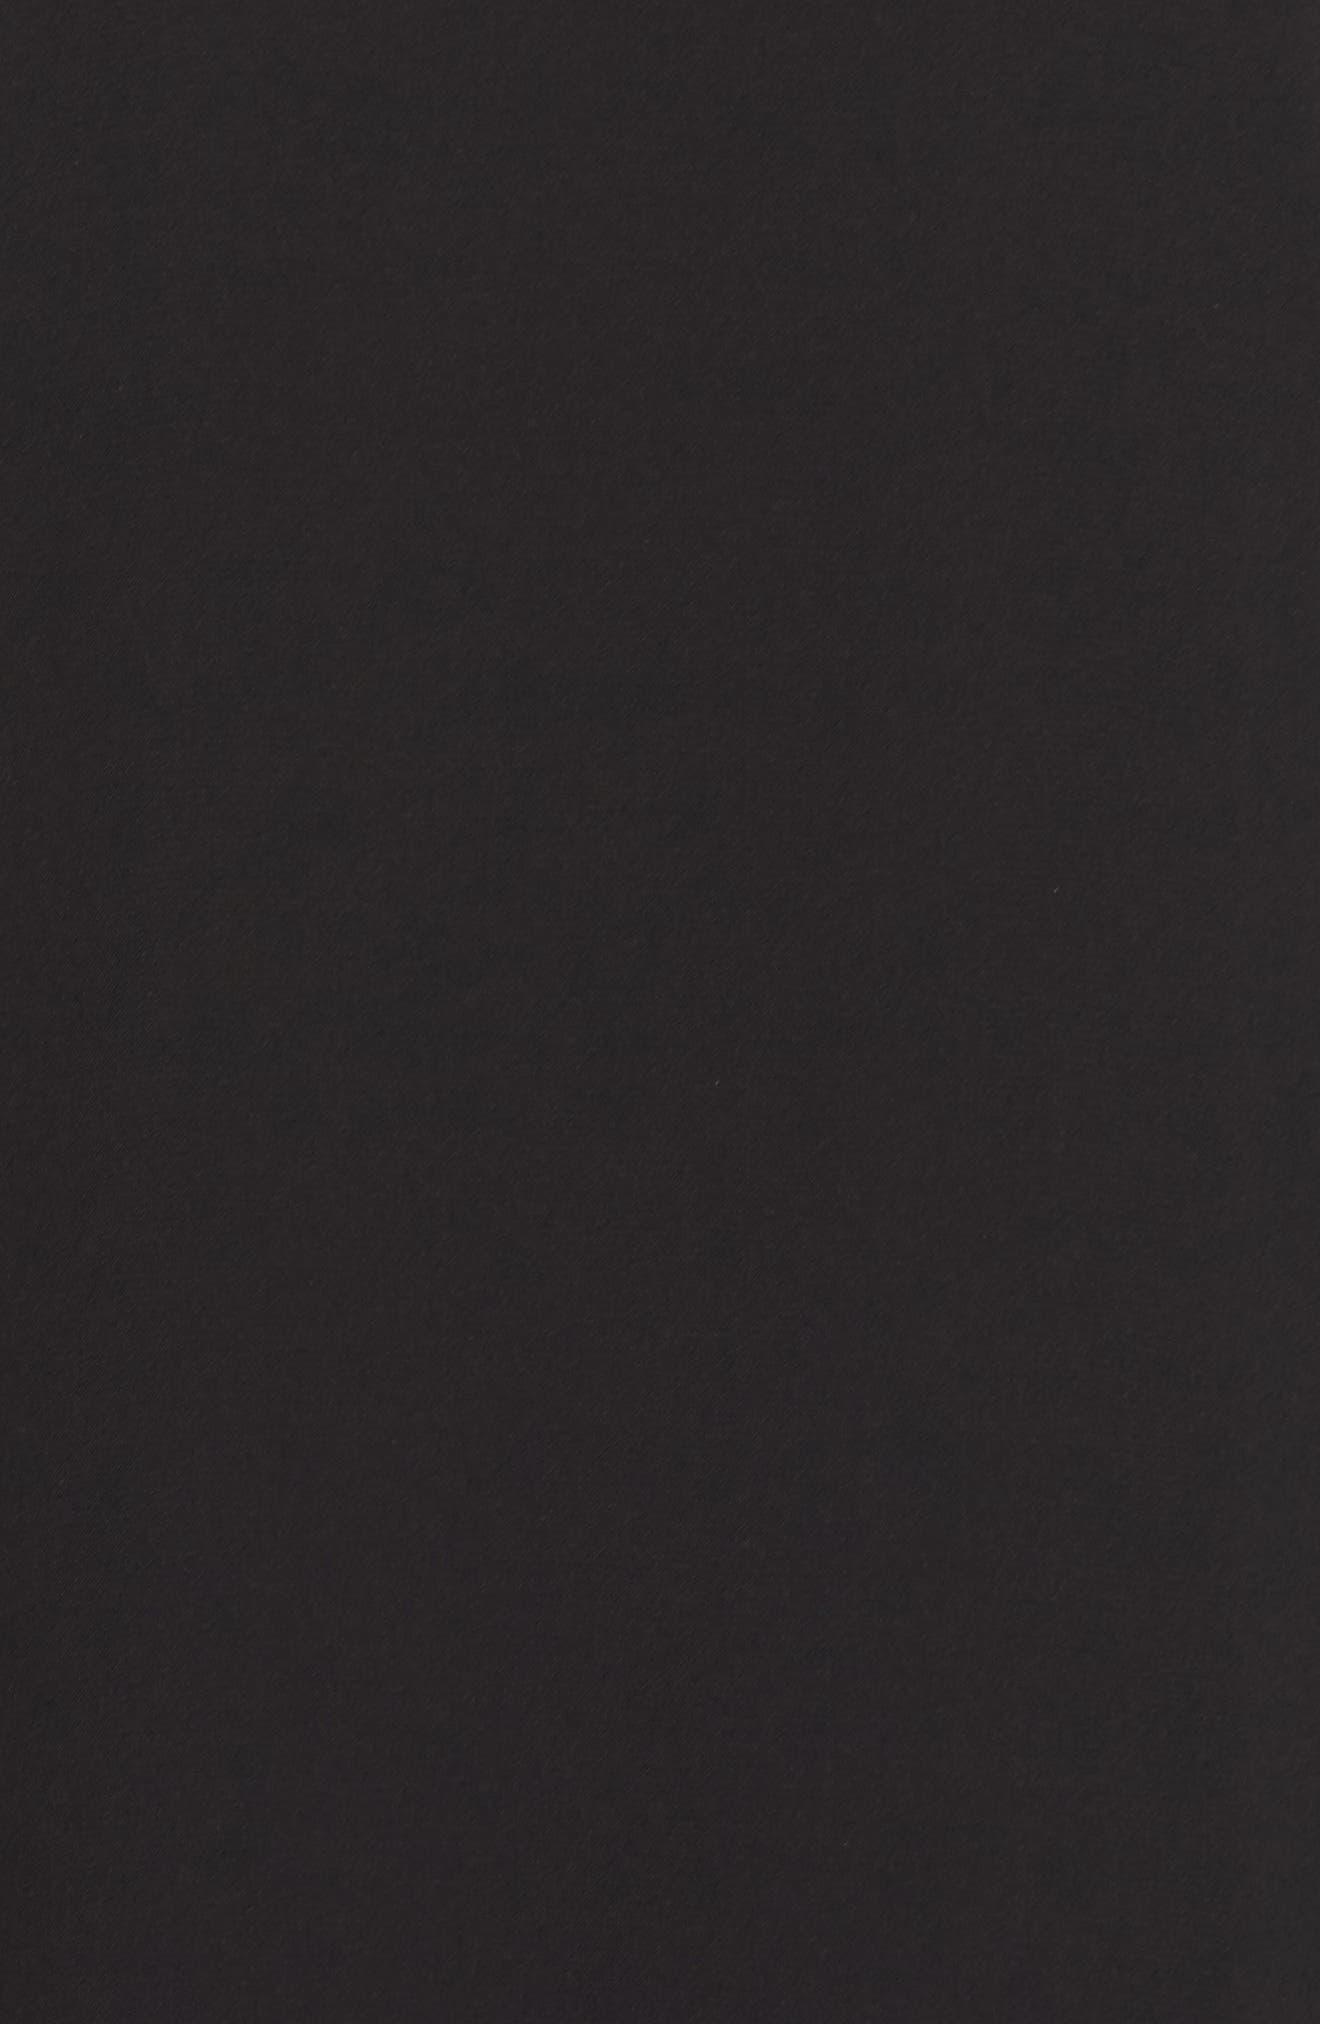 Suki Lace Sleeve Shift Dress,                             Alternate thumbnail 5, color,                             001